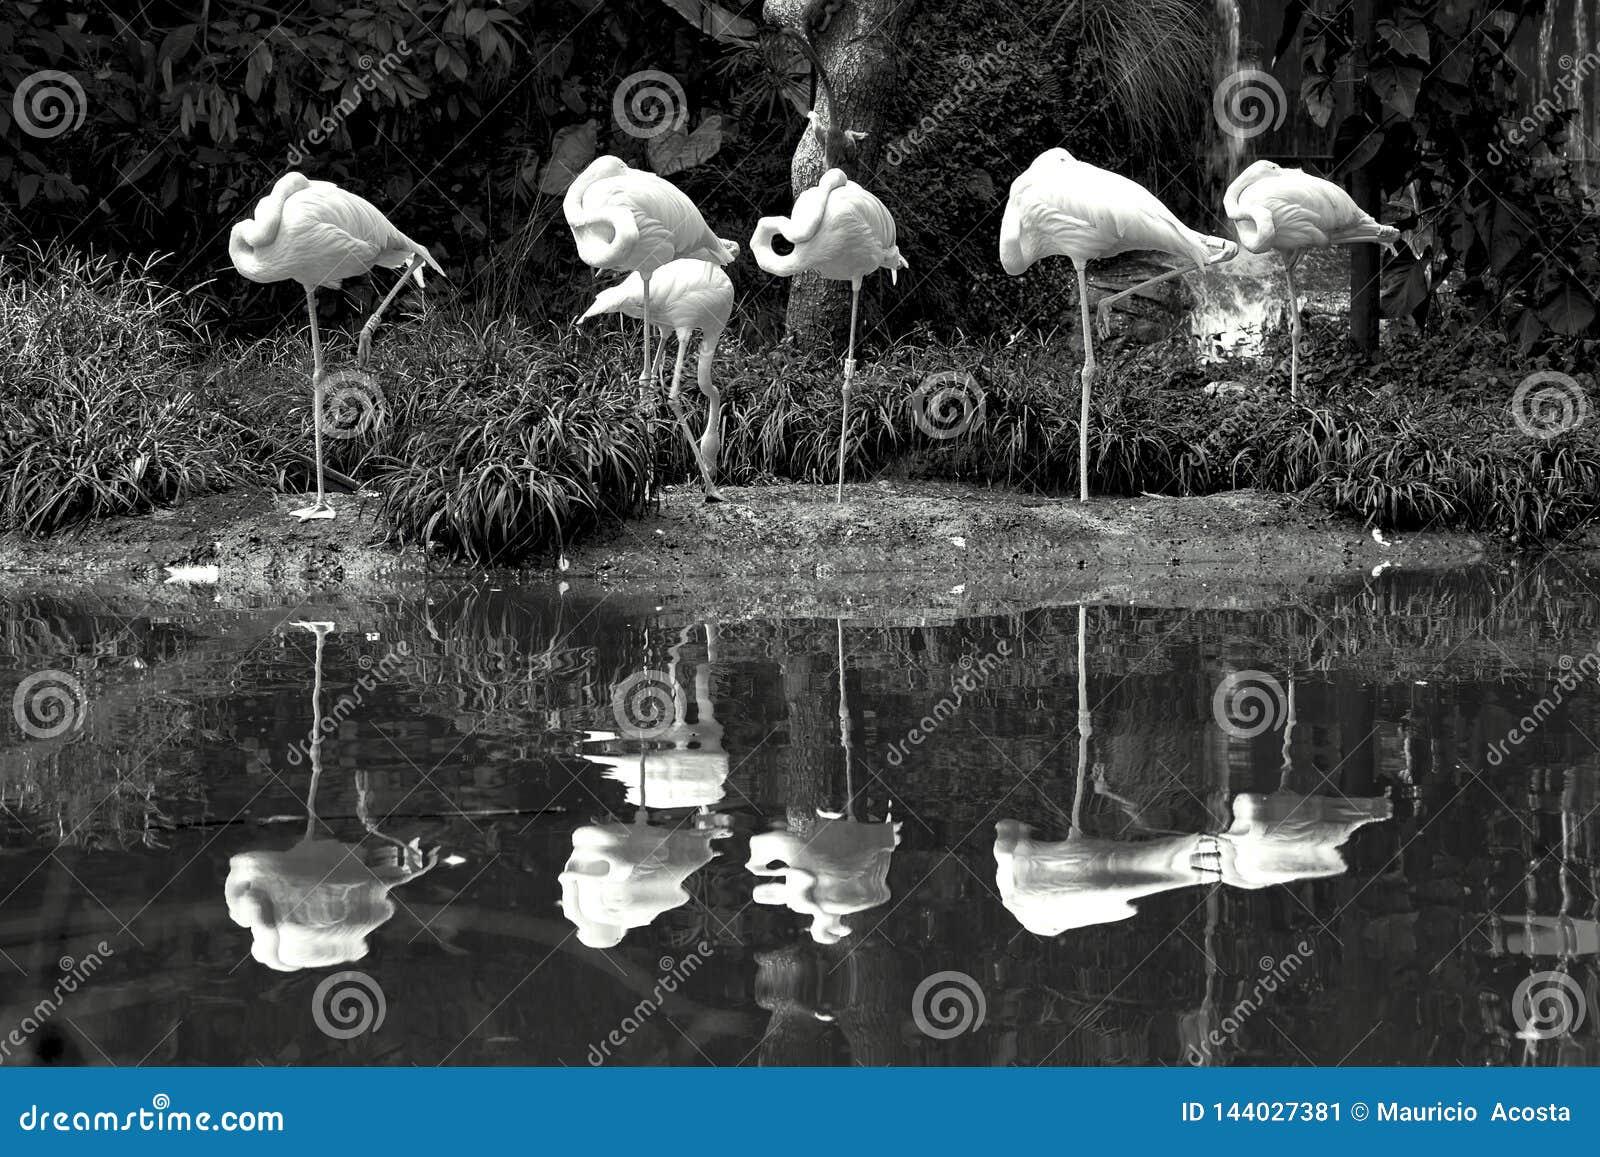 Seis flamingos americanos que estão perto de uma lagoa